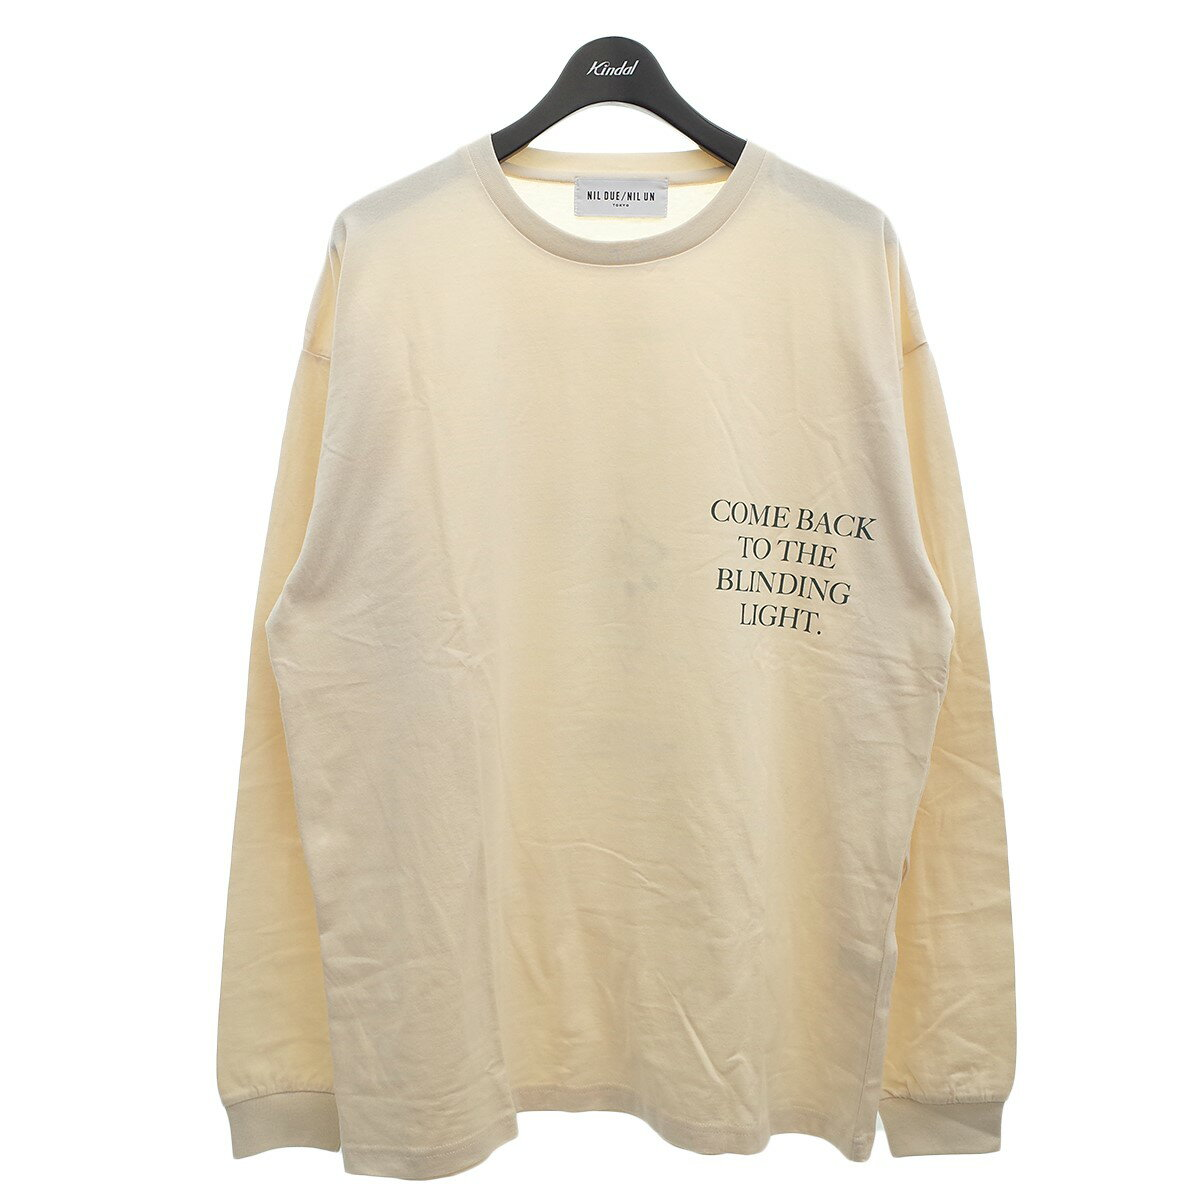 トップス, Tシャツ・カットソー NIL DUENIL UN 21SS Long Sleeve Tatoo TeeT Free 050721